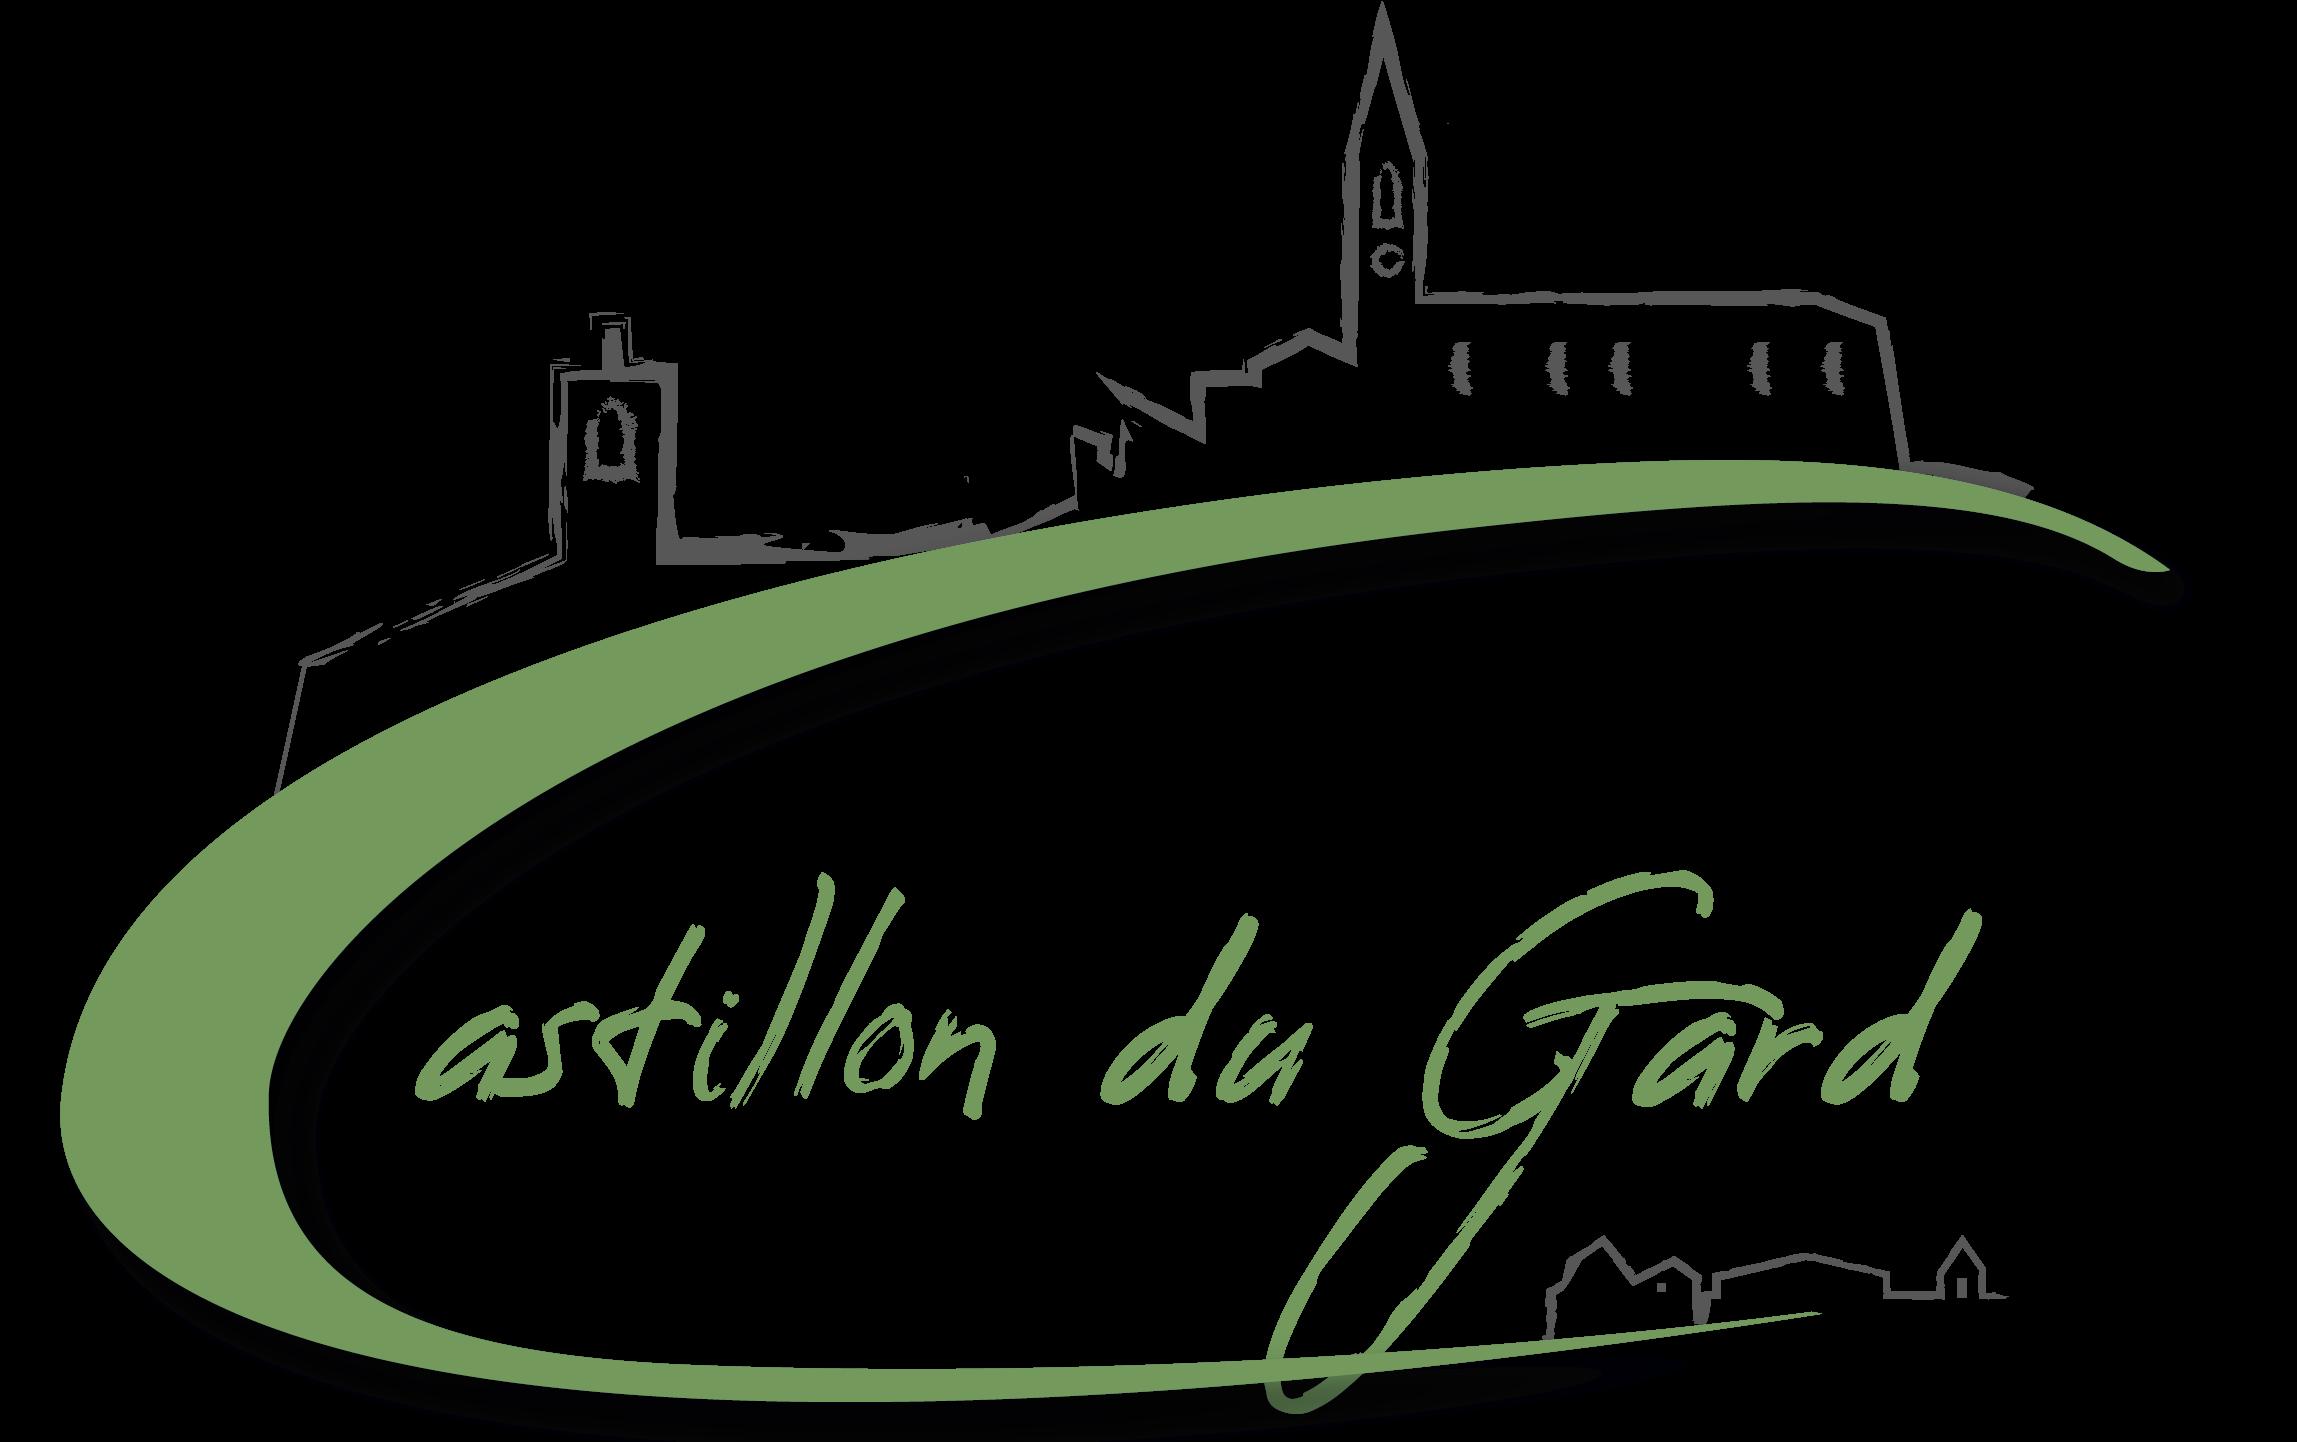 Forum Castillon-du-Gard